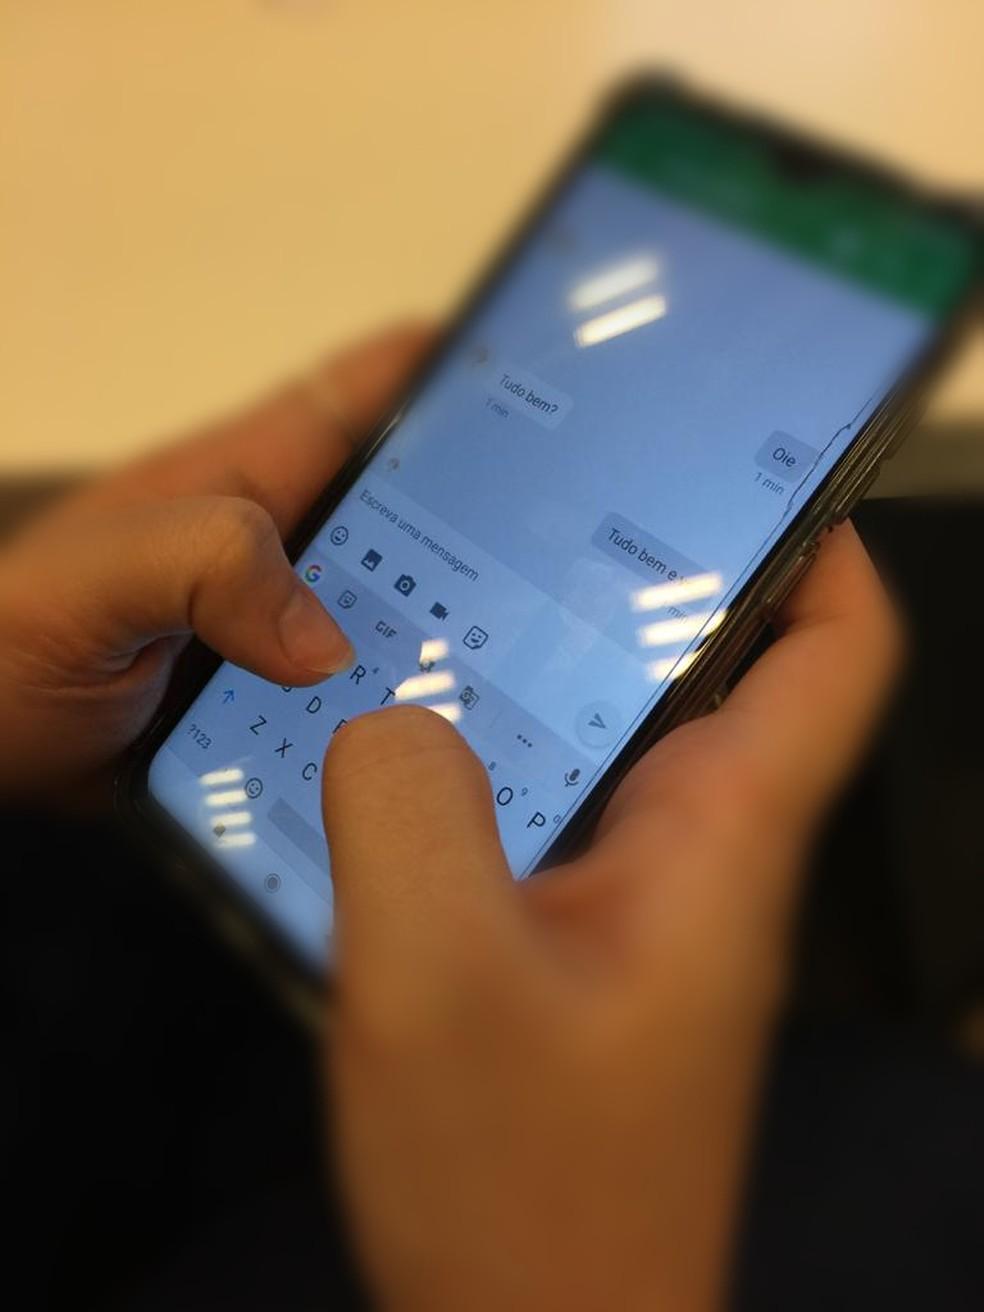 Vítima conheceu o estelionatário no aplicativo Hangouts, do Google.  — Foto: Juliana Steil/G1